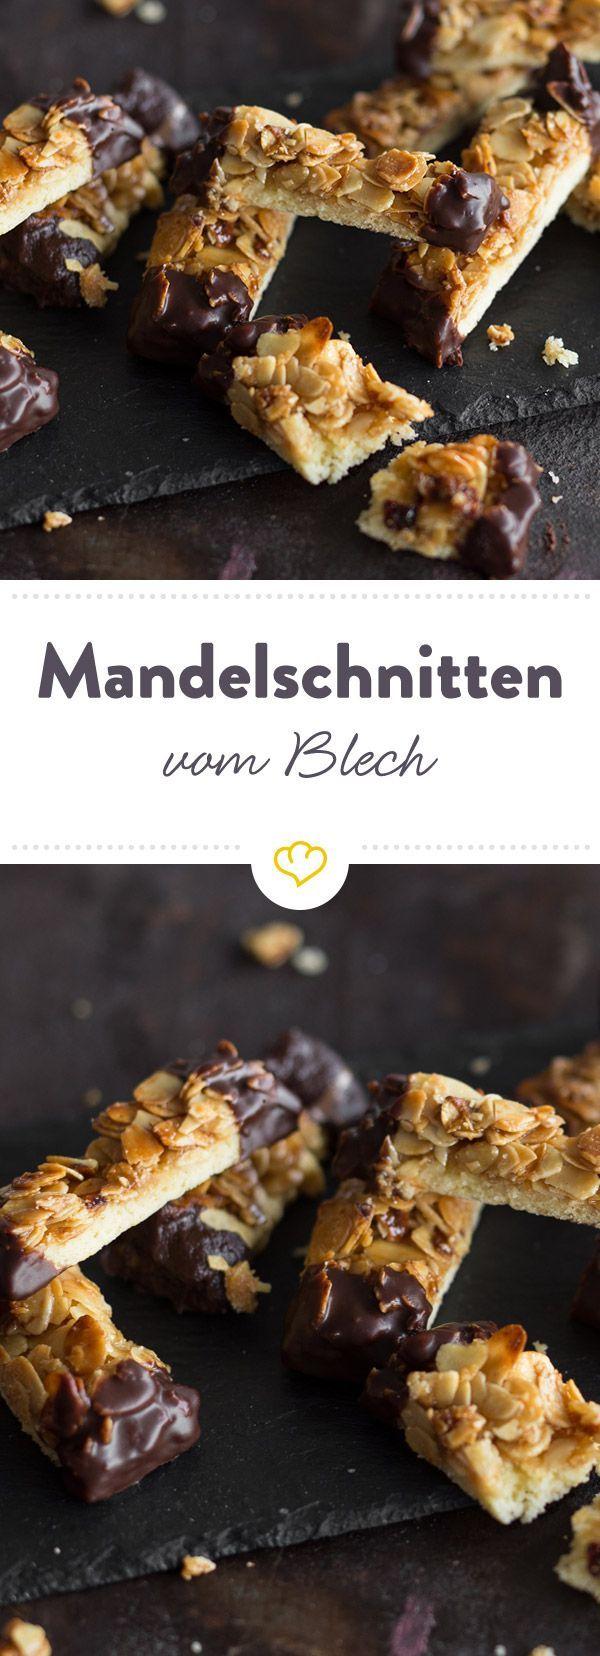 Hier spielen Mandeln die Hauptrolle und suhlen sich auf knusprigem Mürbeteig in einer Glasur aus köstlich süßem Honig und würziger Zimtbutter.